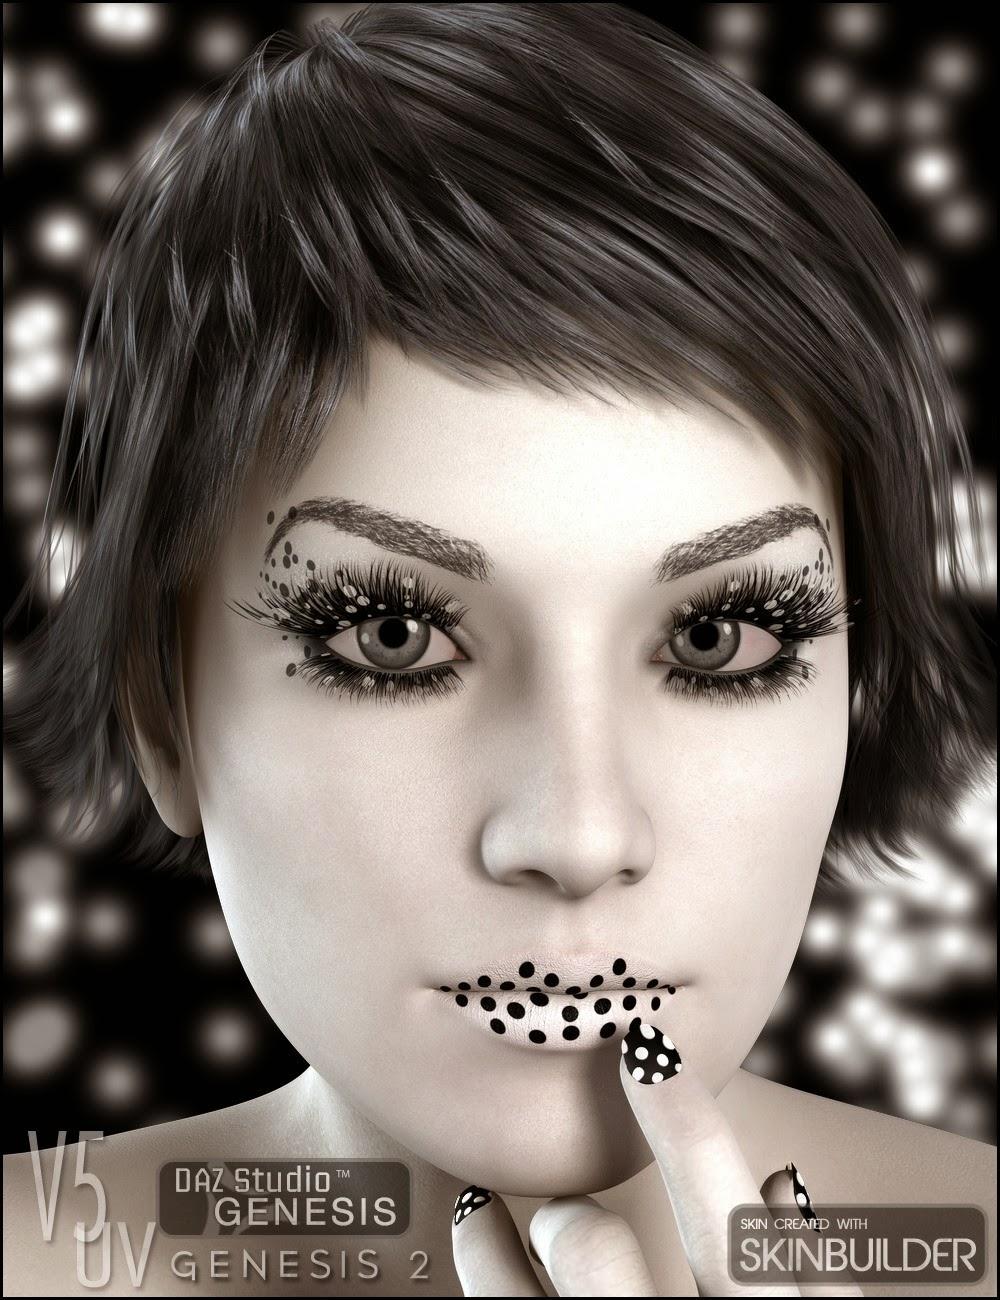 Maquillage instantanée pour jeux de peau V5 UV